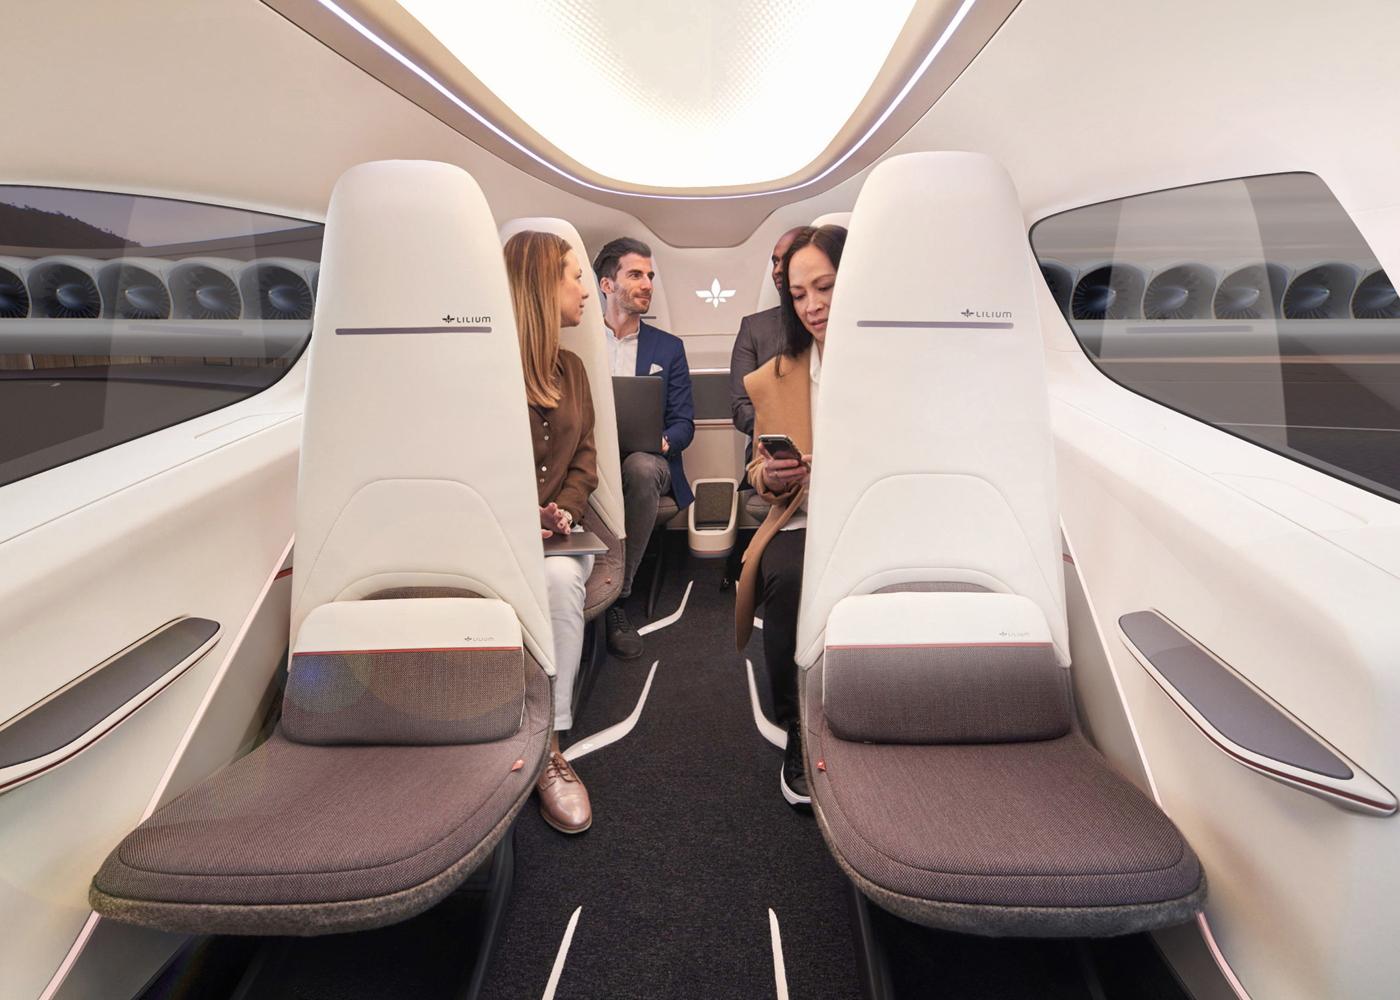 Lilium 7-seat eVTOL cabin